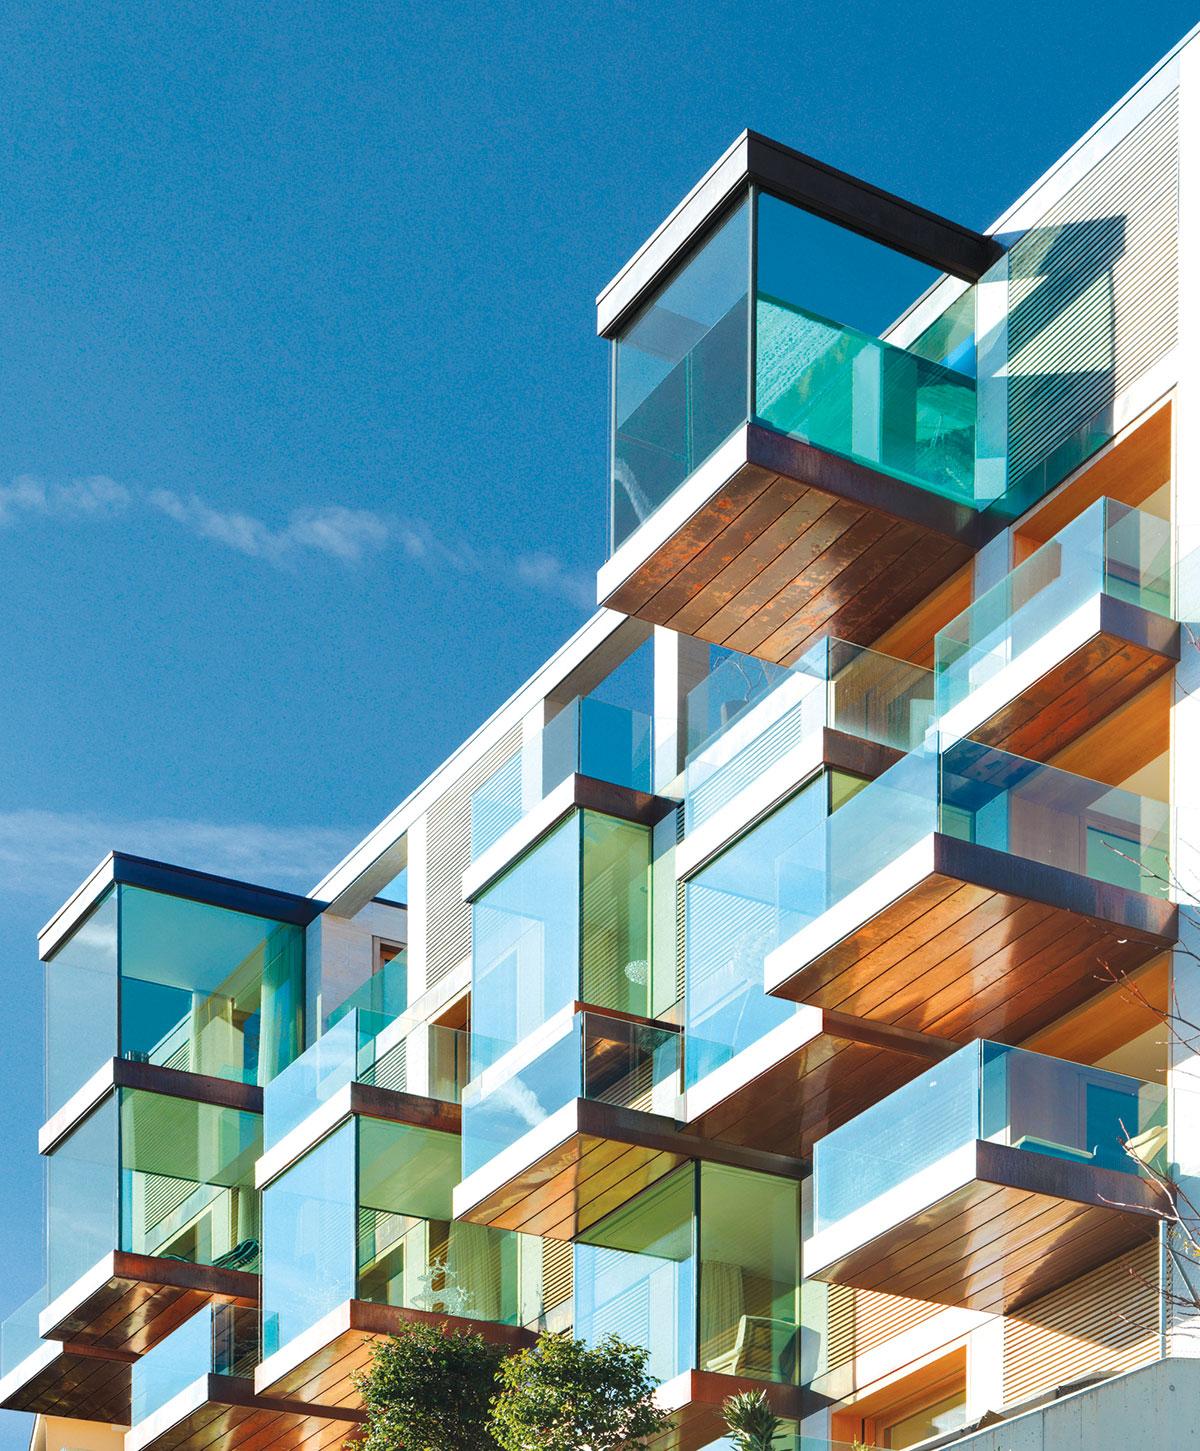 Kompletno zastakljen balkon